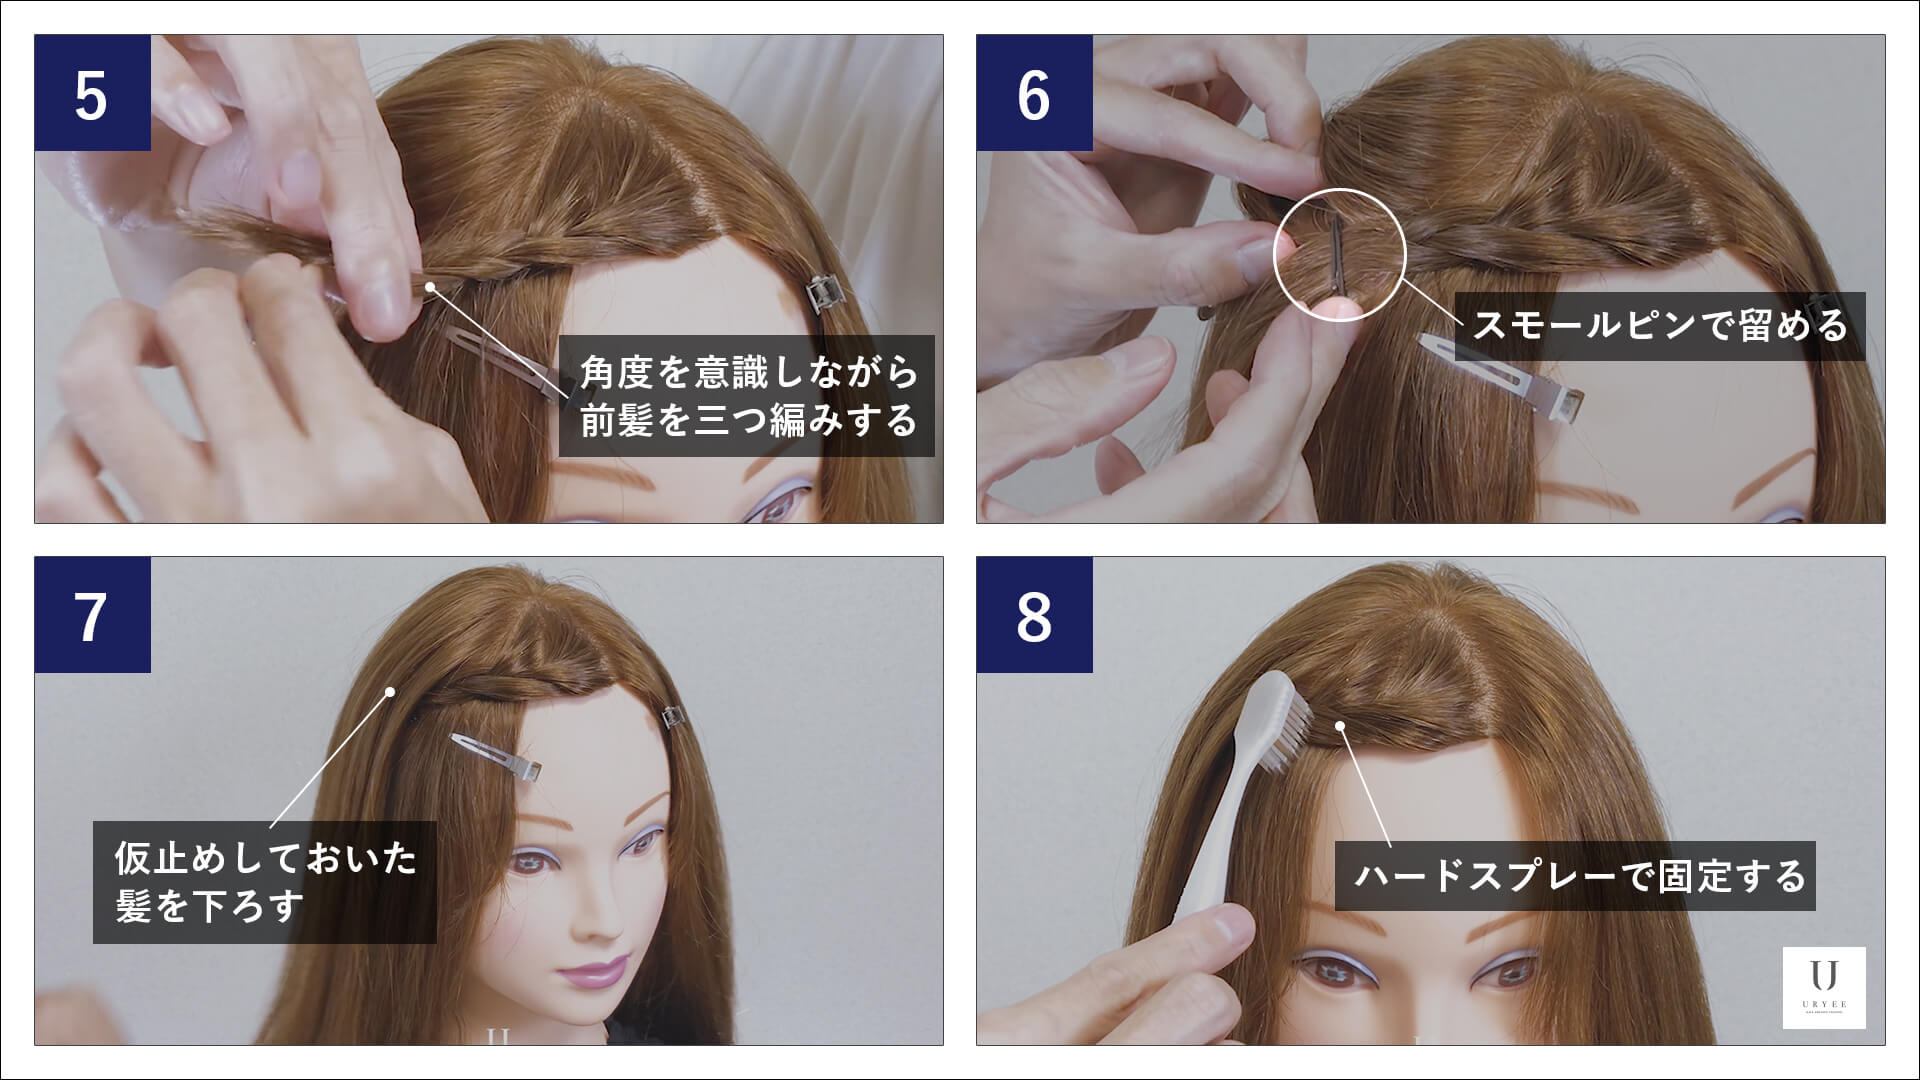 前髪を三つ編みしてヘアピンで留める。アホ毛をスプレーで固める